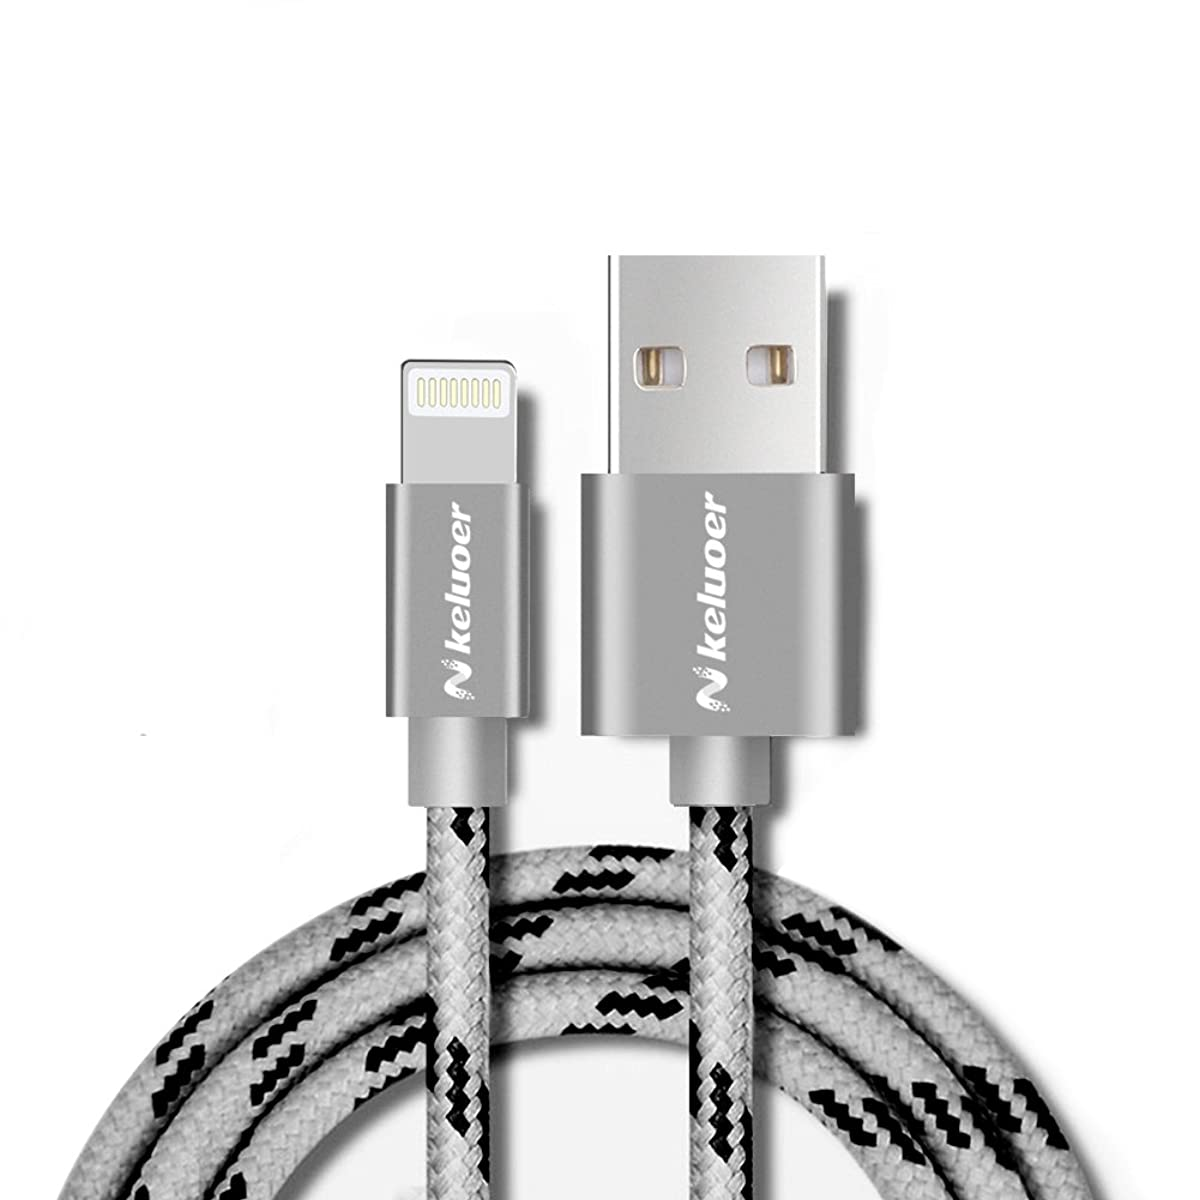 フェードアウト最大保有者Keluoer ライトニングUSBケーブル Apple PowerLine アルミニウム合金端子 ナイロン包み 断線しにくい 100cm  iPhone7, 6s, 6s Plus/iPad Pro, Air, mini/iPod touch 他対応 (グレー)